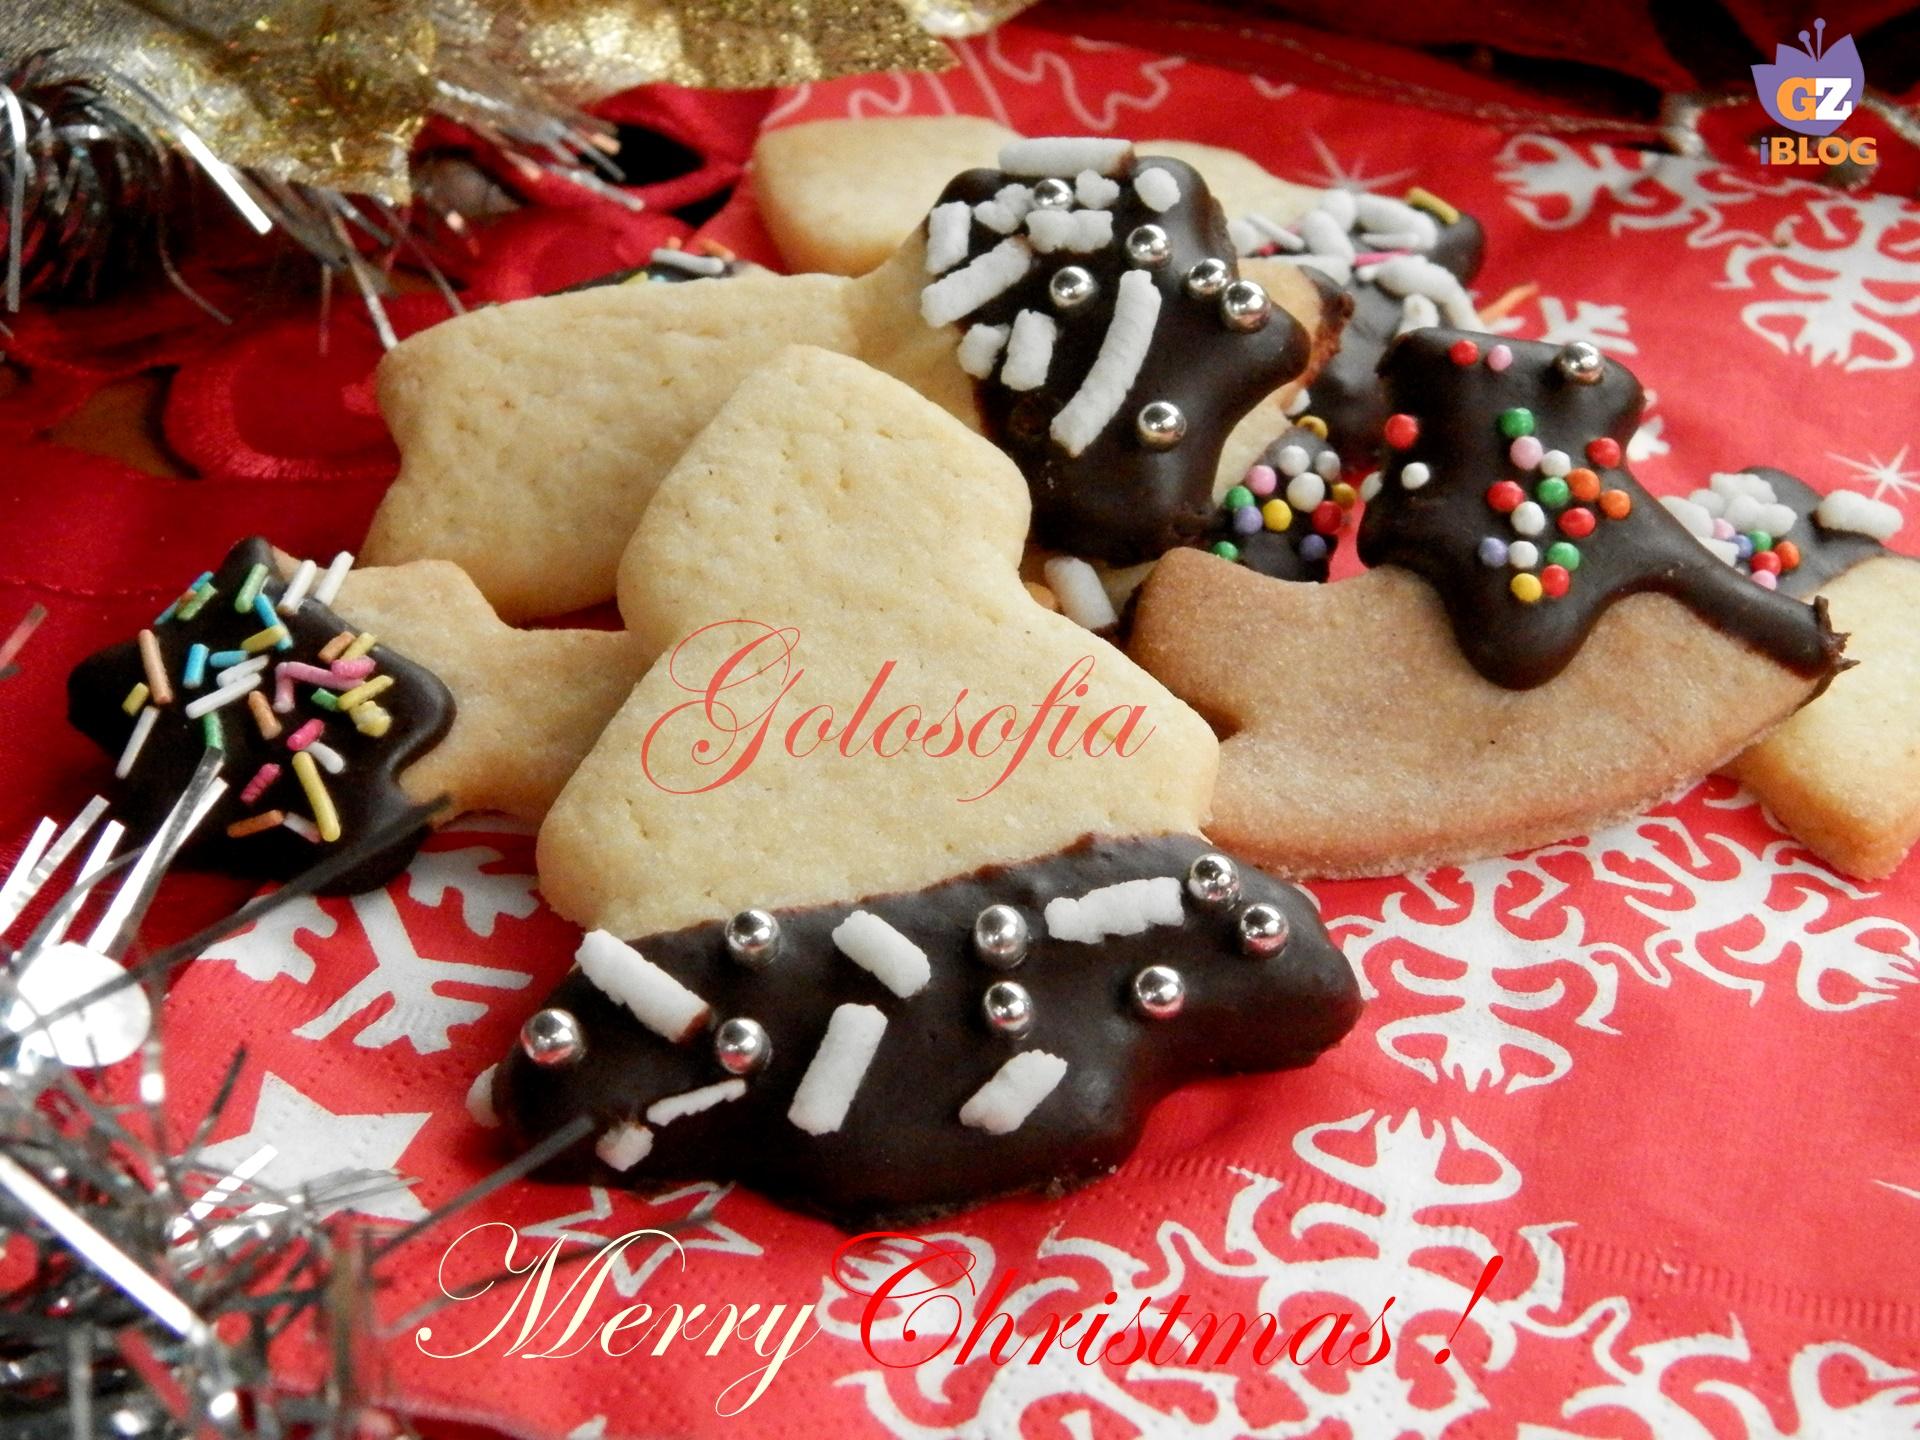 Biscotti Di Natale Ricette Giallo Zafferano.Biscotti Di Natale Glassati Al Cioccolato Ricetta Dolci